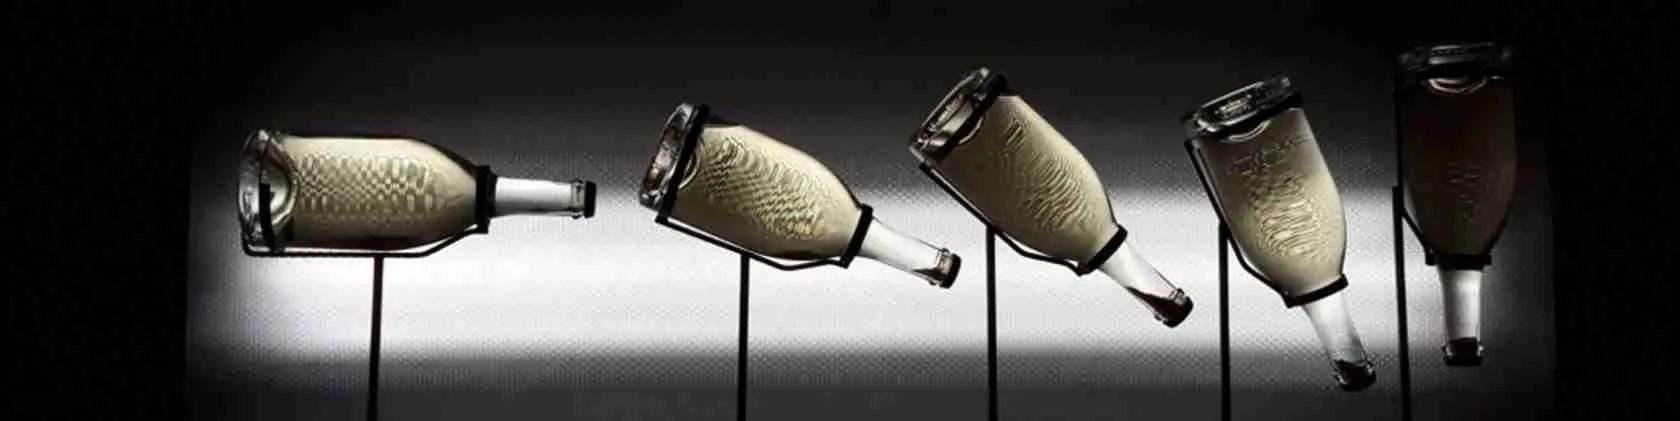 Per conquistare una bellissima escort Brescia, offrile un buon calice di vino Franciacorta.